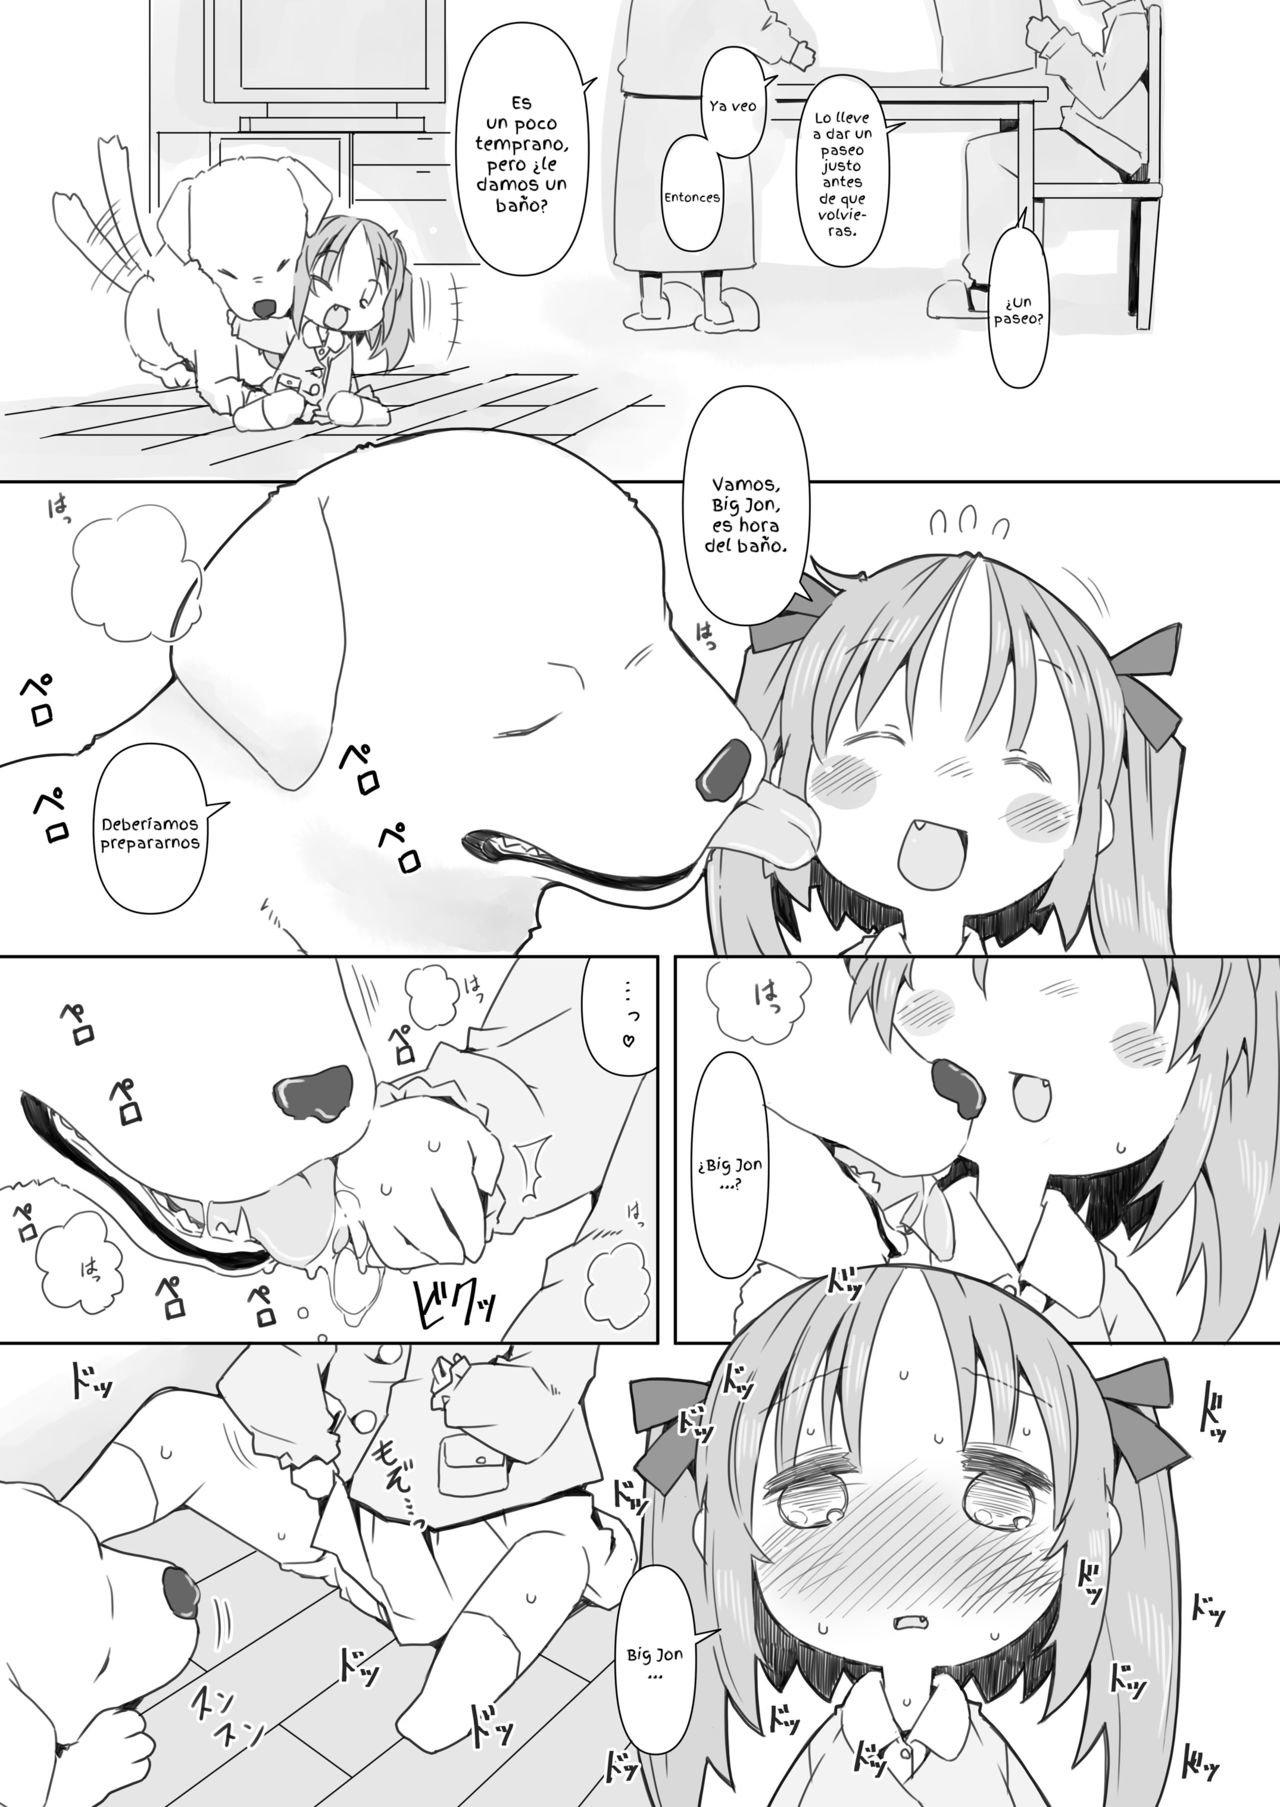 Enji ga Inu to Ecchi Suru Hon - 4